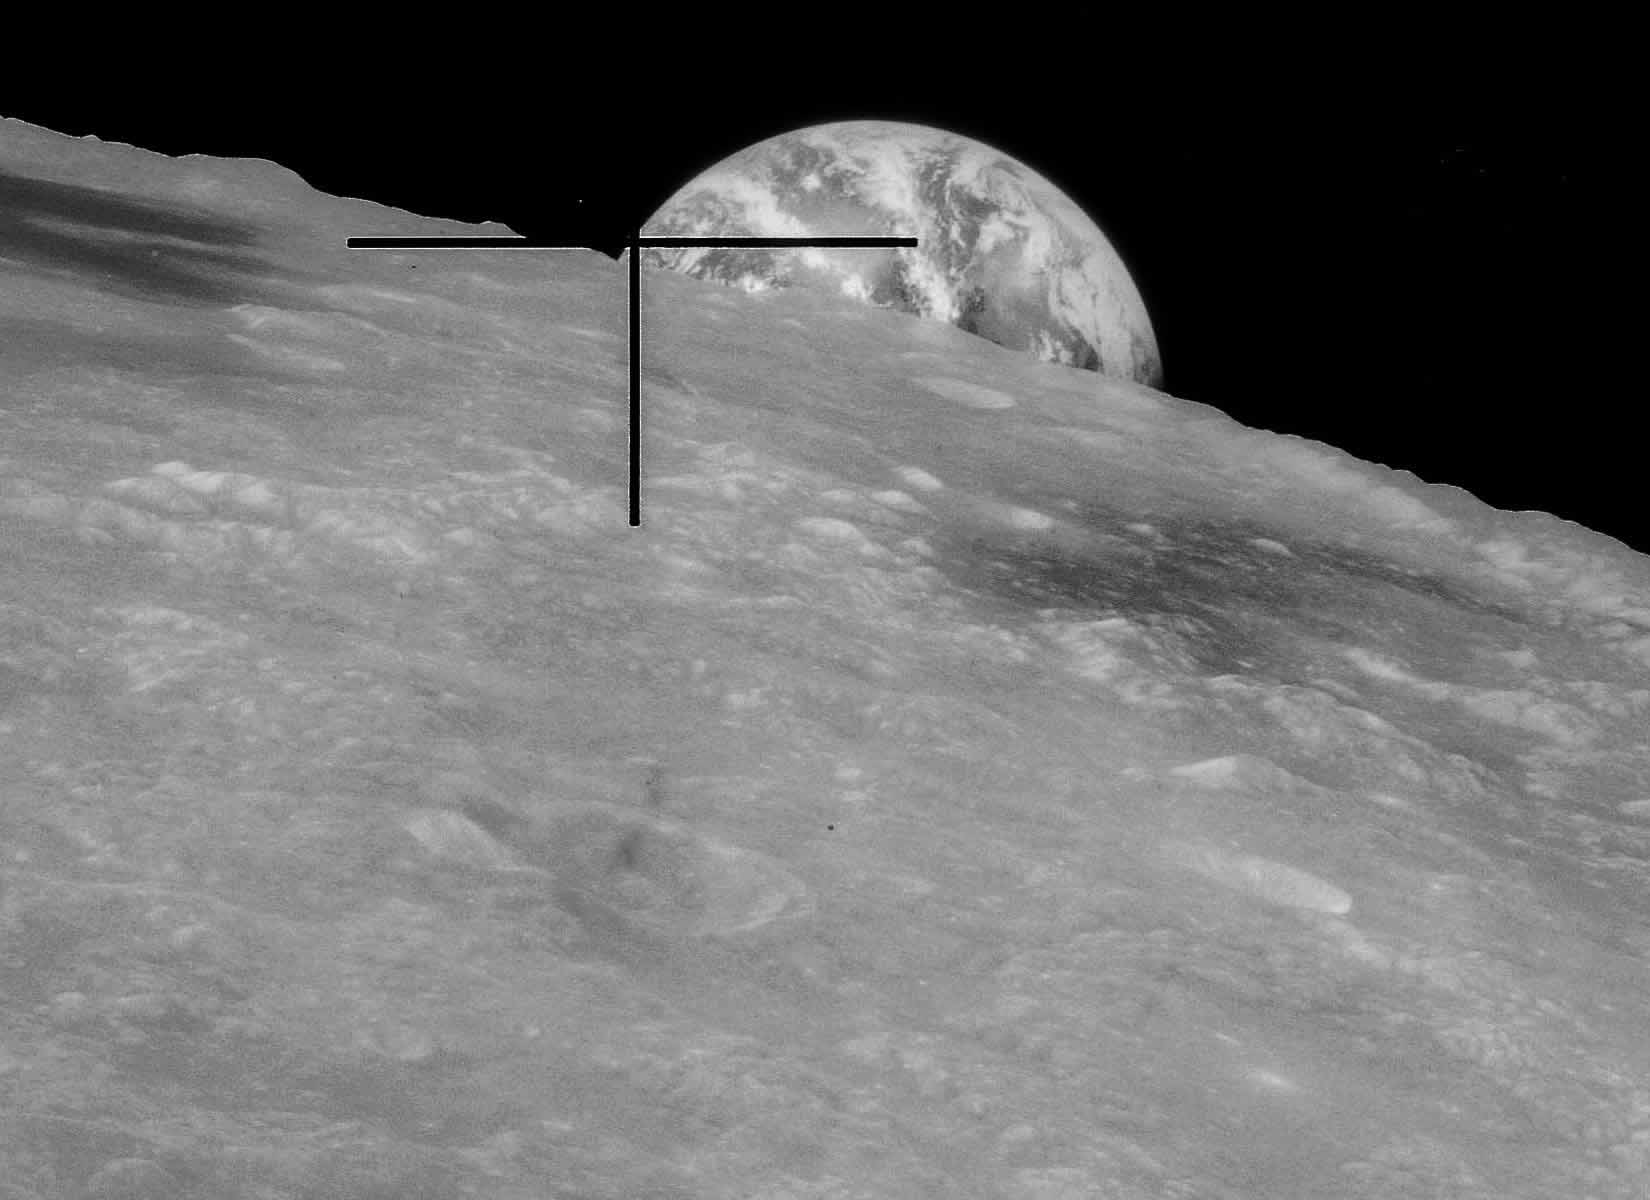 5 пугающих фактов о Луне! О чем молчат ученые и космонавты. Почему мы больше не летаем на Луну